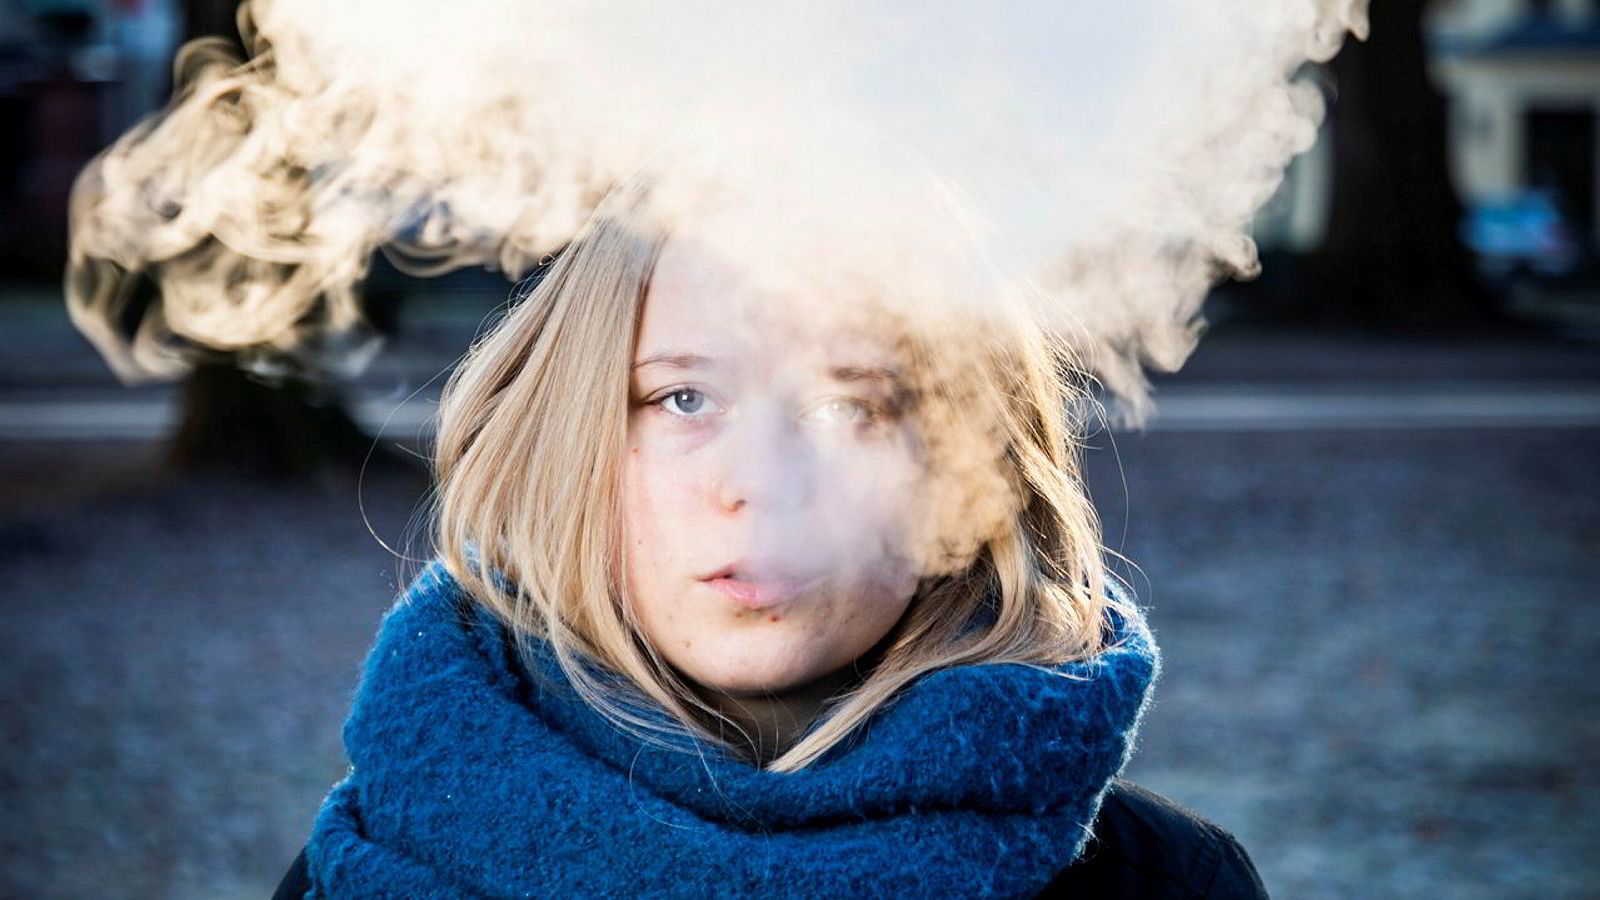 Med e-sigaretter fikk nikotinmarkedet et nytt produkt, og både tobakks- og legemiddelindustri følte sine markedsandeler truet fra en gruppe nye tilbydere, skriver Karl Erik Lund i innlegget. Sol Eriksen vaper her i Sofienbergparken.